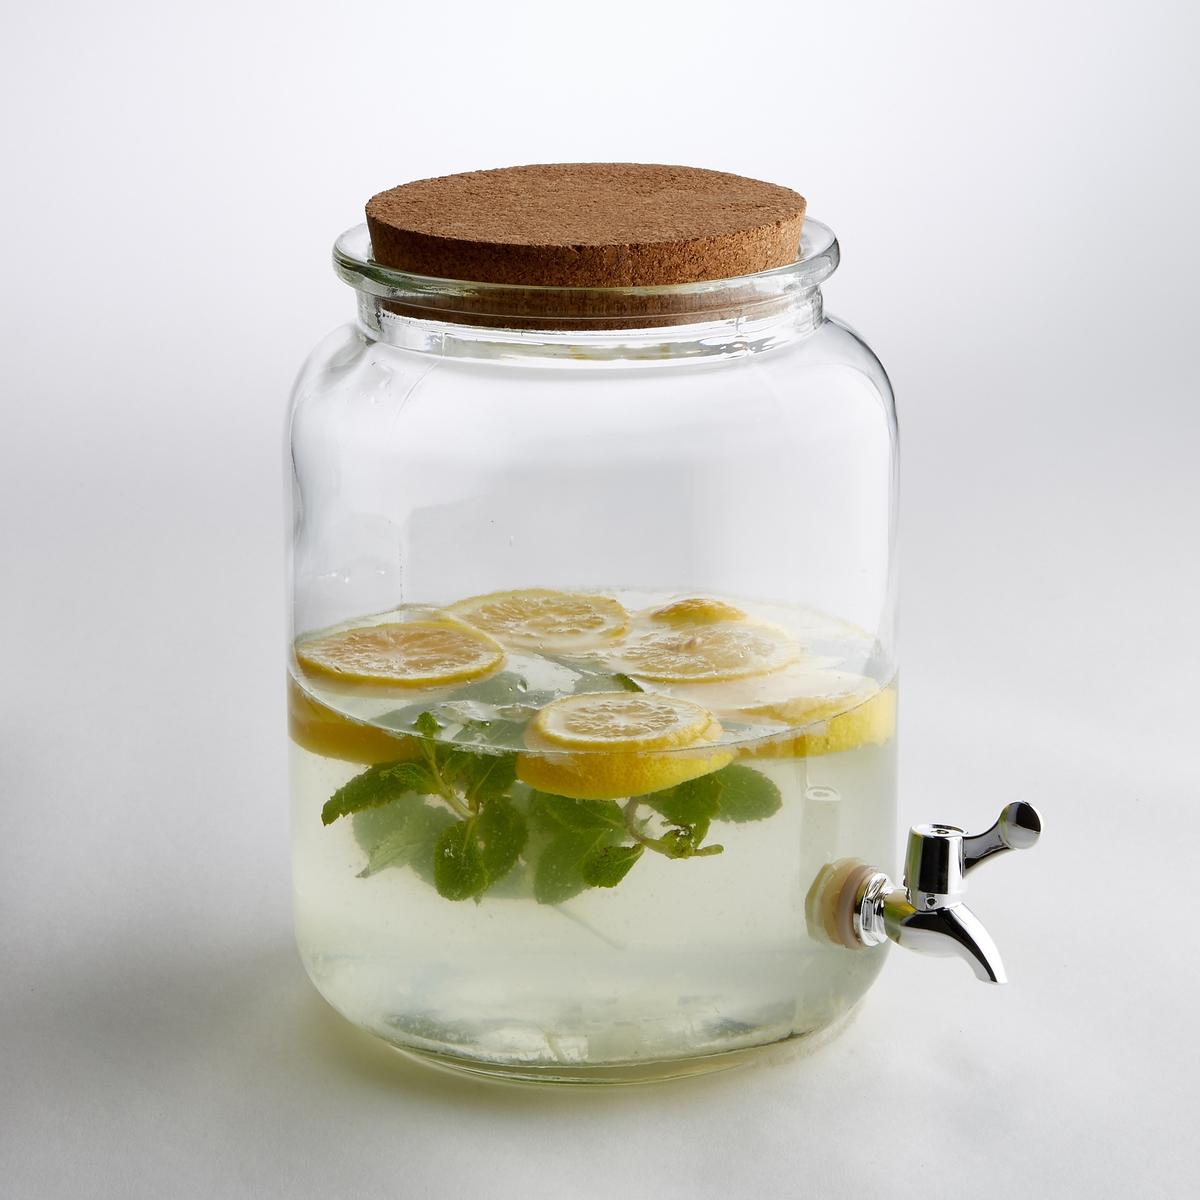 Сосуд для напитков из прозрачного стекла, размер SКлассическая форма, съемный кран, закрывается крышкой из пробки, этот стеклянный сосуд отлично подходит для содержания и разливания различных соков и напитков.Характеристики сосуда из прозрачного стекла, размер S :Объем 850 сл.Размеры сосуда из прозрачного стекла, размер S :Диаметр. 22 x высота 30 см Другие сосуды и предметы декора стола вы можете найти на сайте laredoute.ru<br><br>Цвет: белый прозрачный